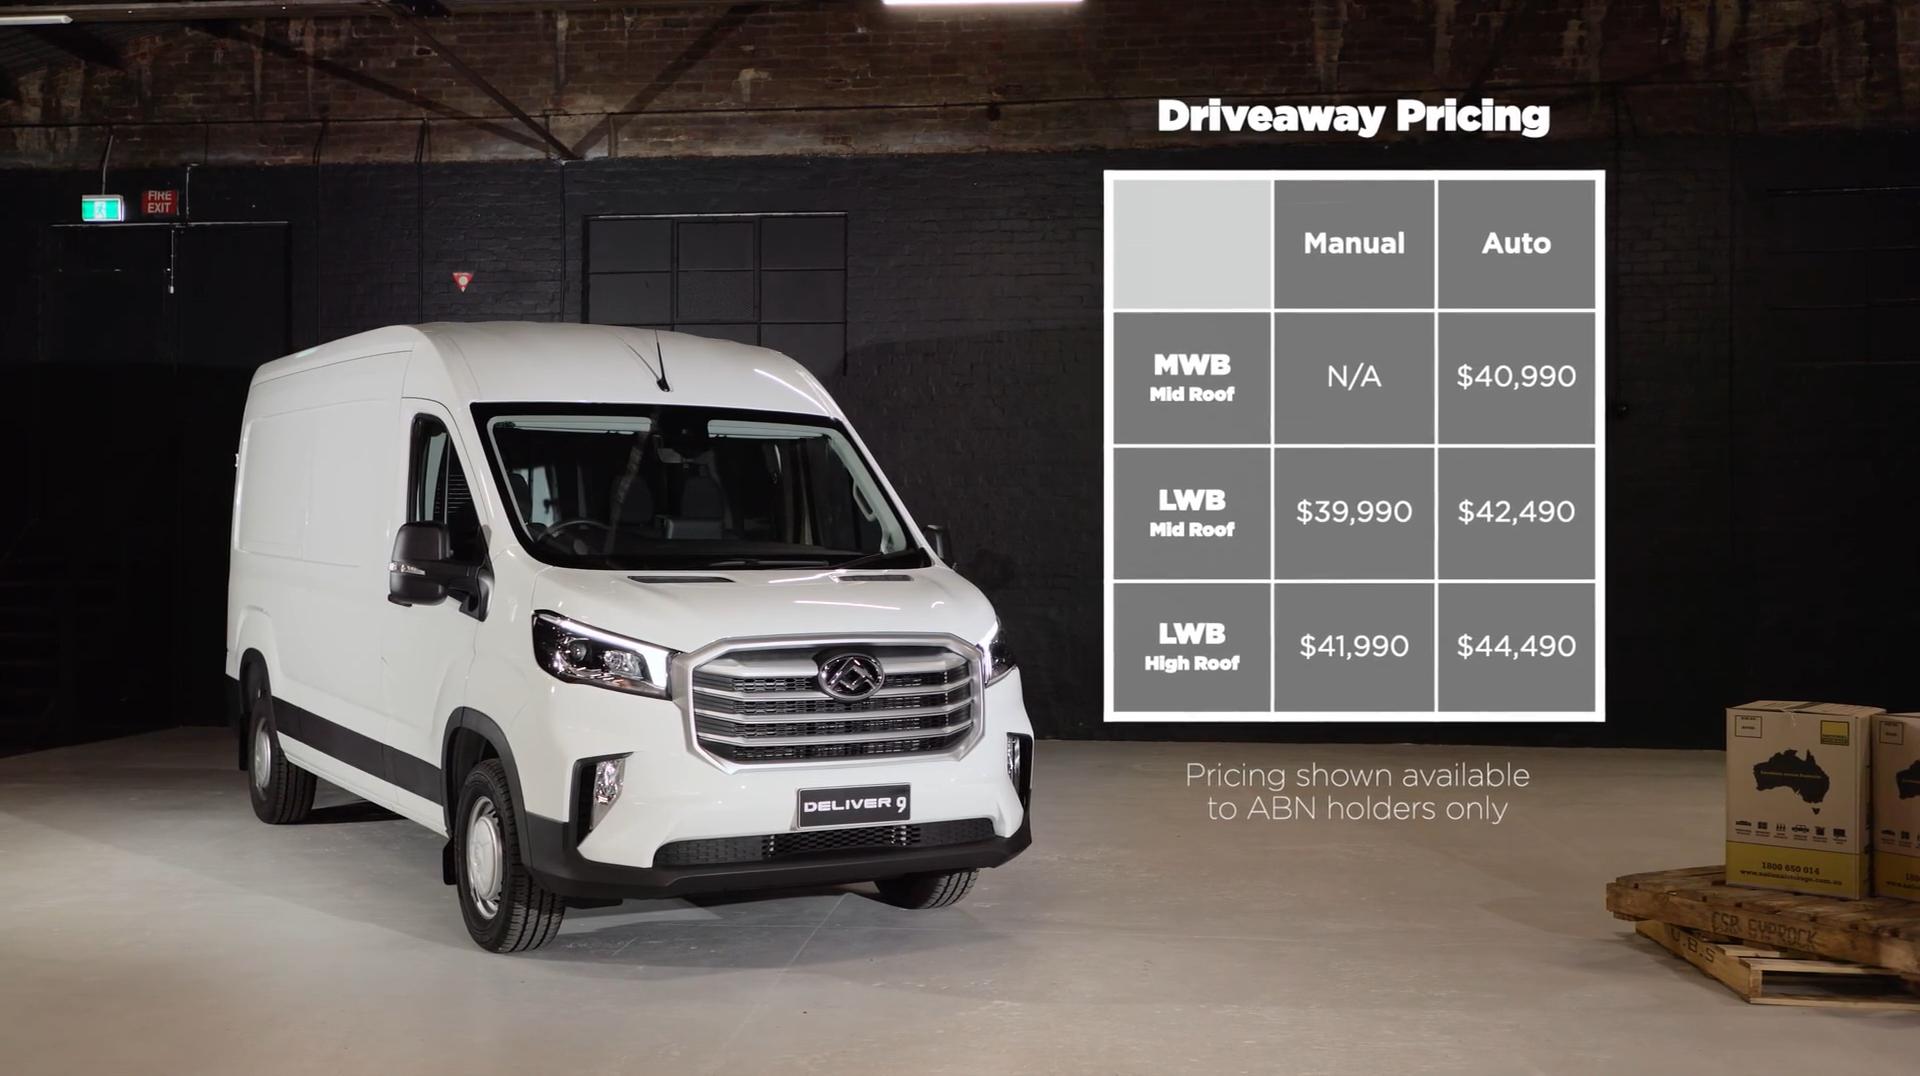 LDv Deliver 9 Price